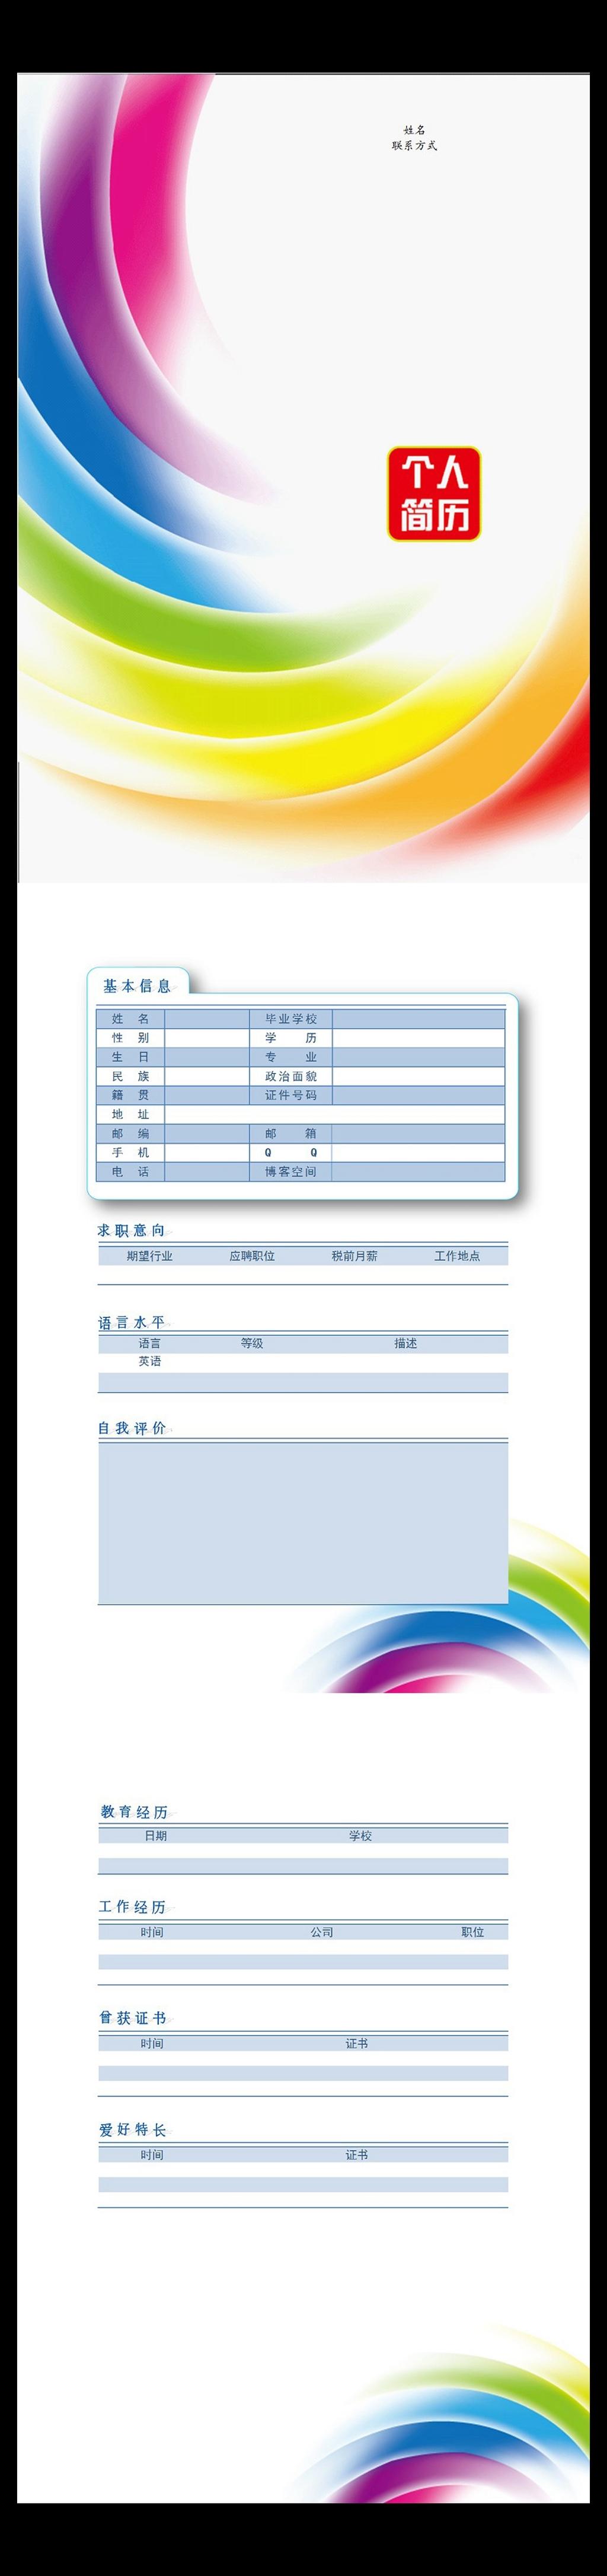 炫彩个人简介模板下载(图片编号:12163599)_信纸背景